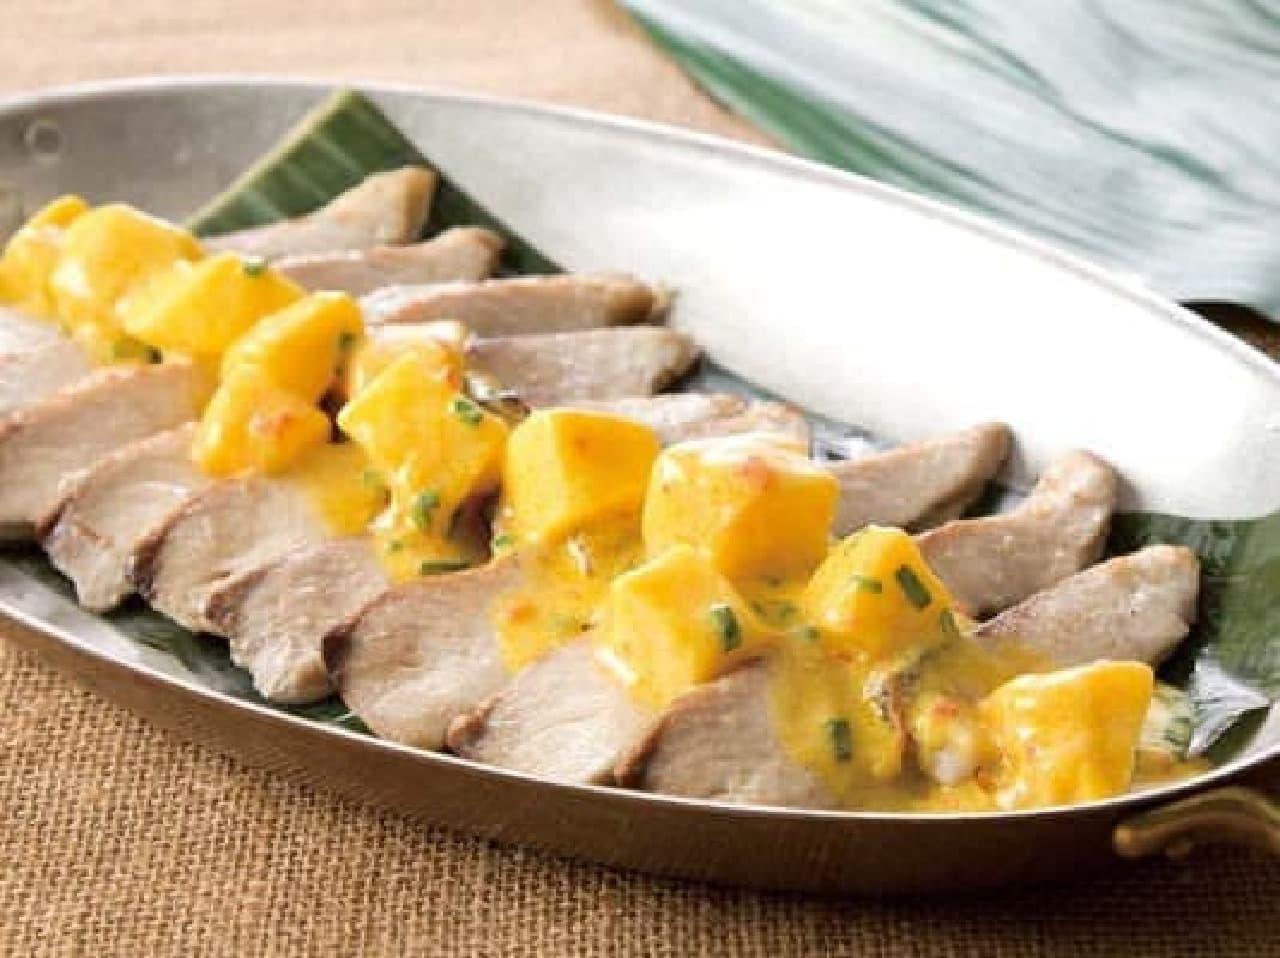 ハワイ料理「マヒマヒのバナナリーフ蒸し マンゴーソース」